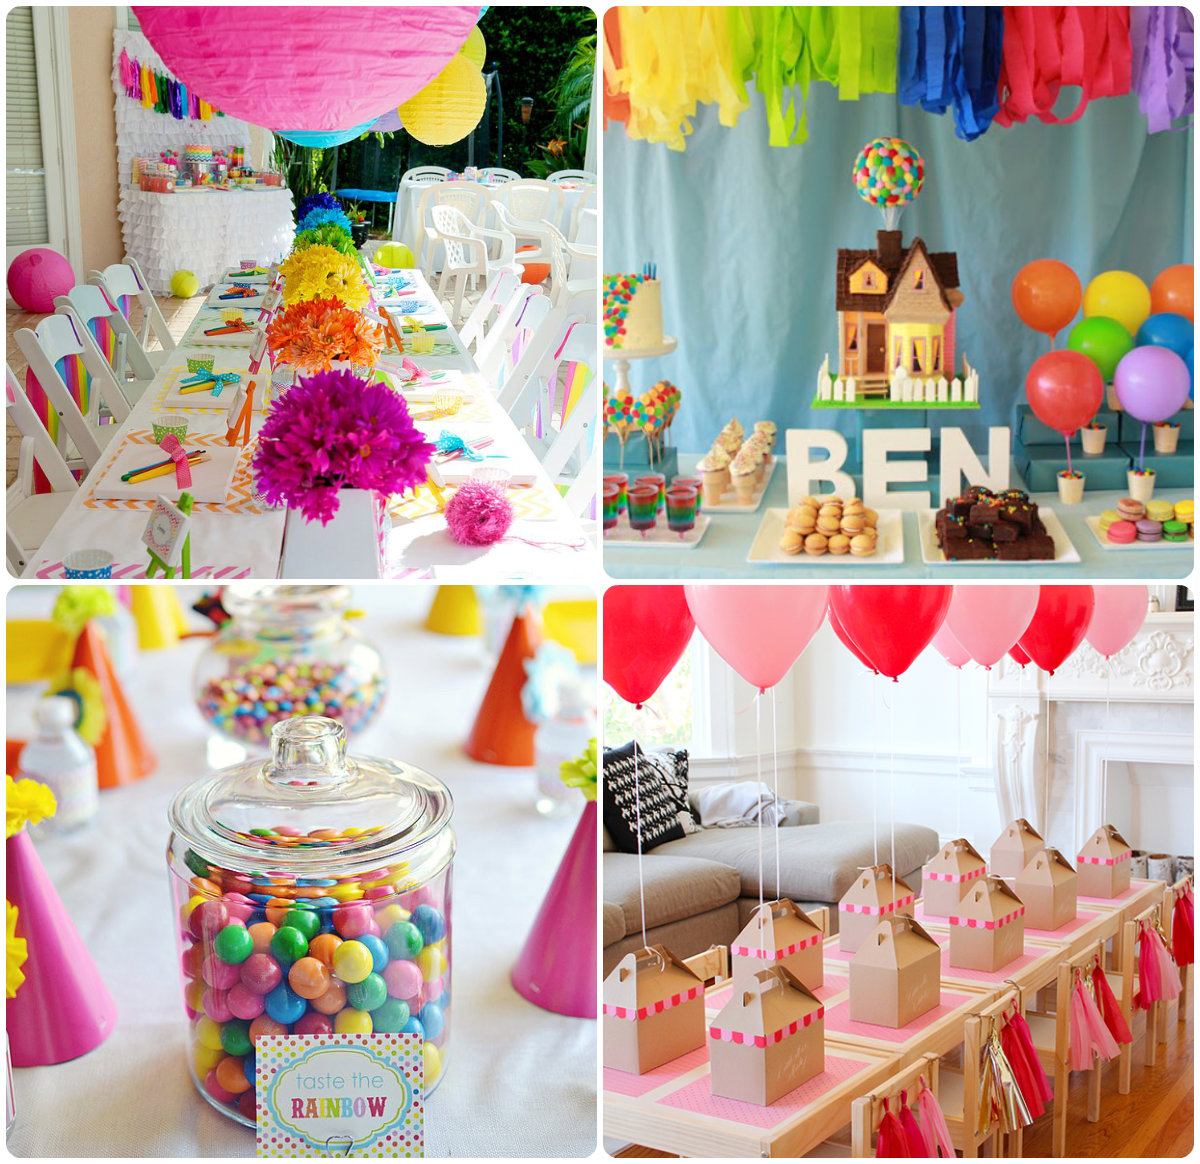 Чем украсить зал на день рождения своими руками фото